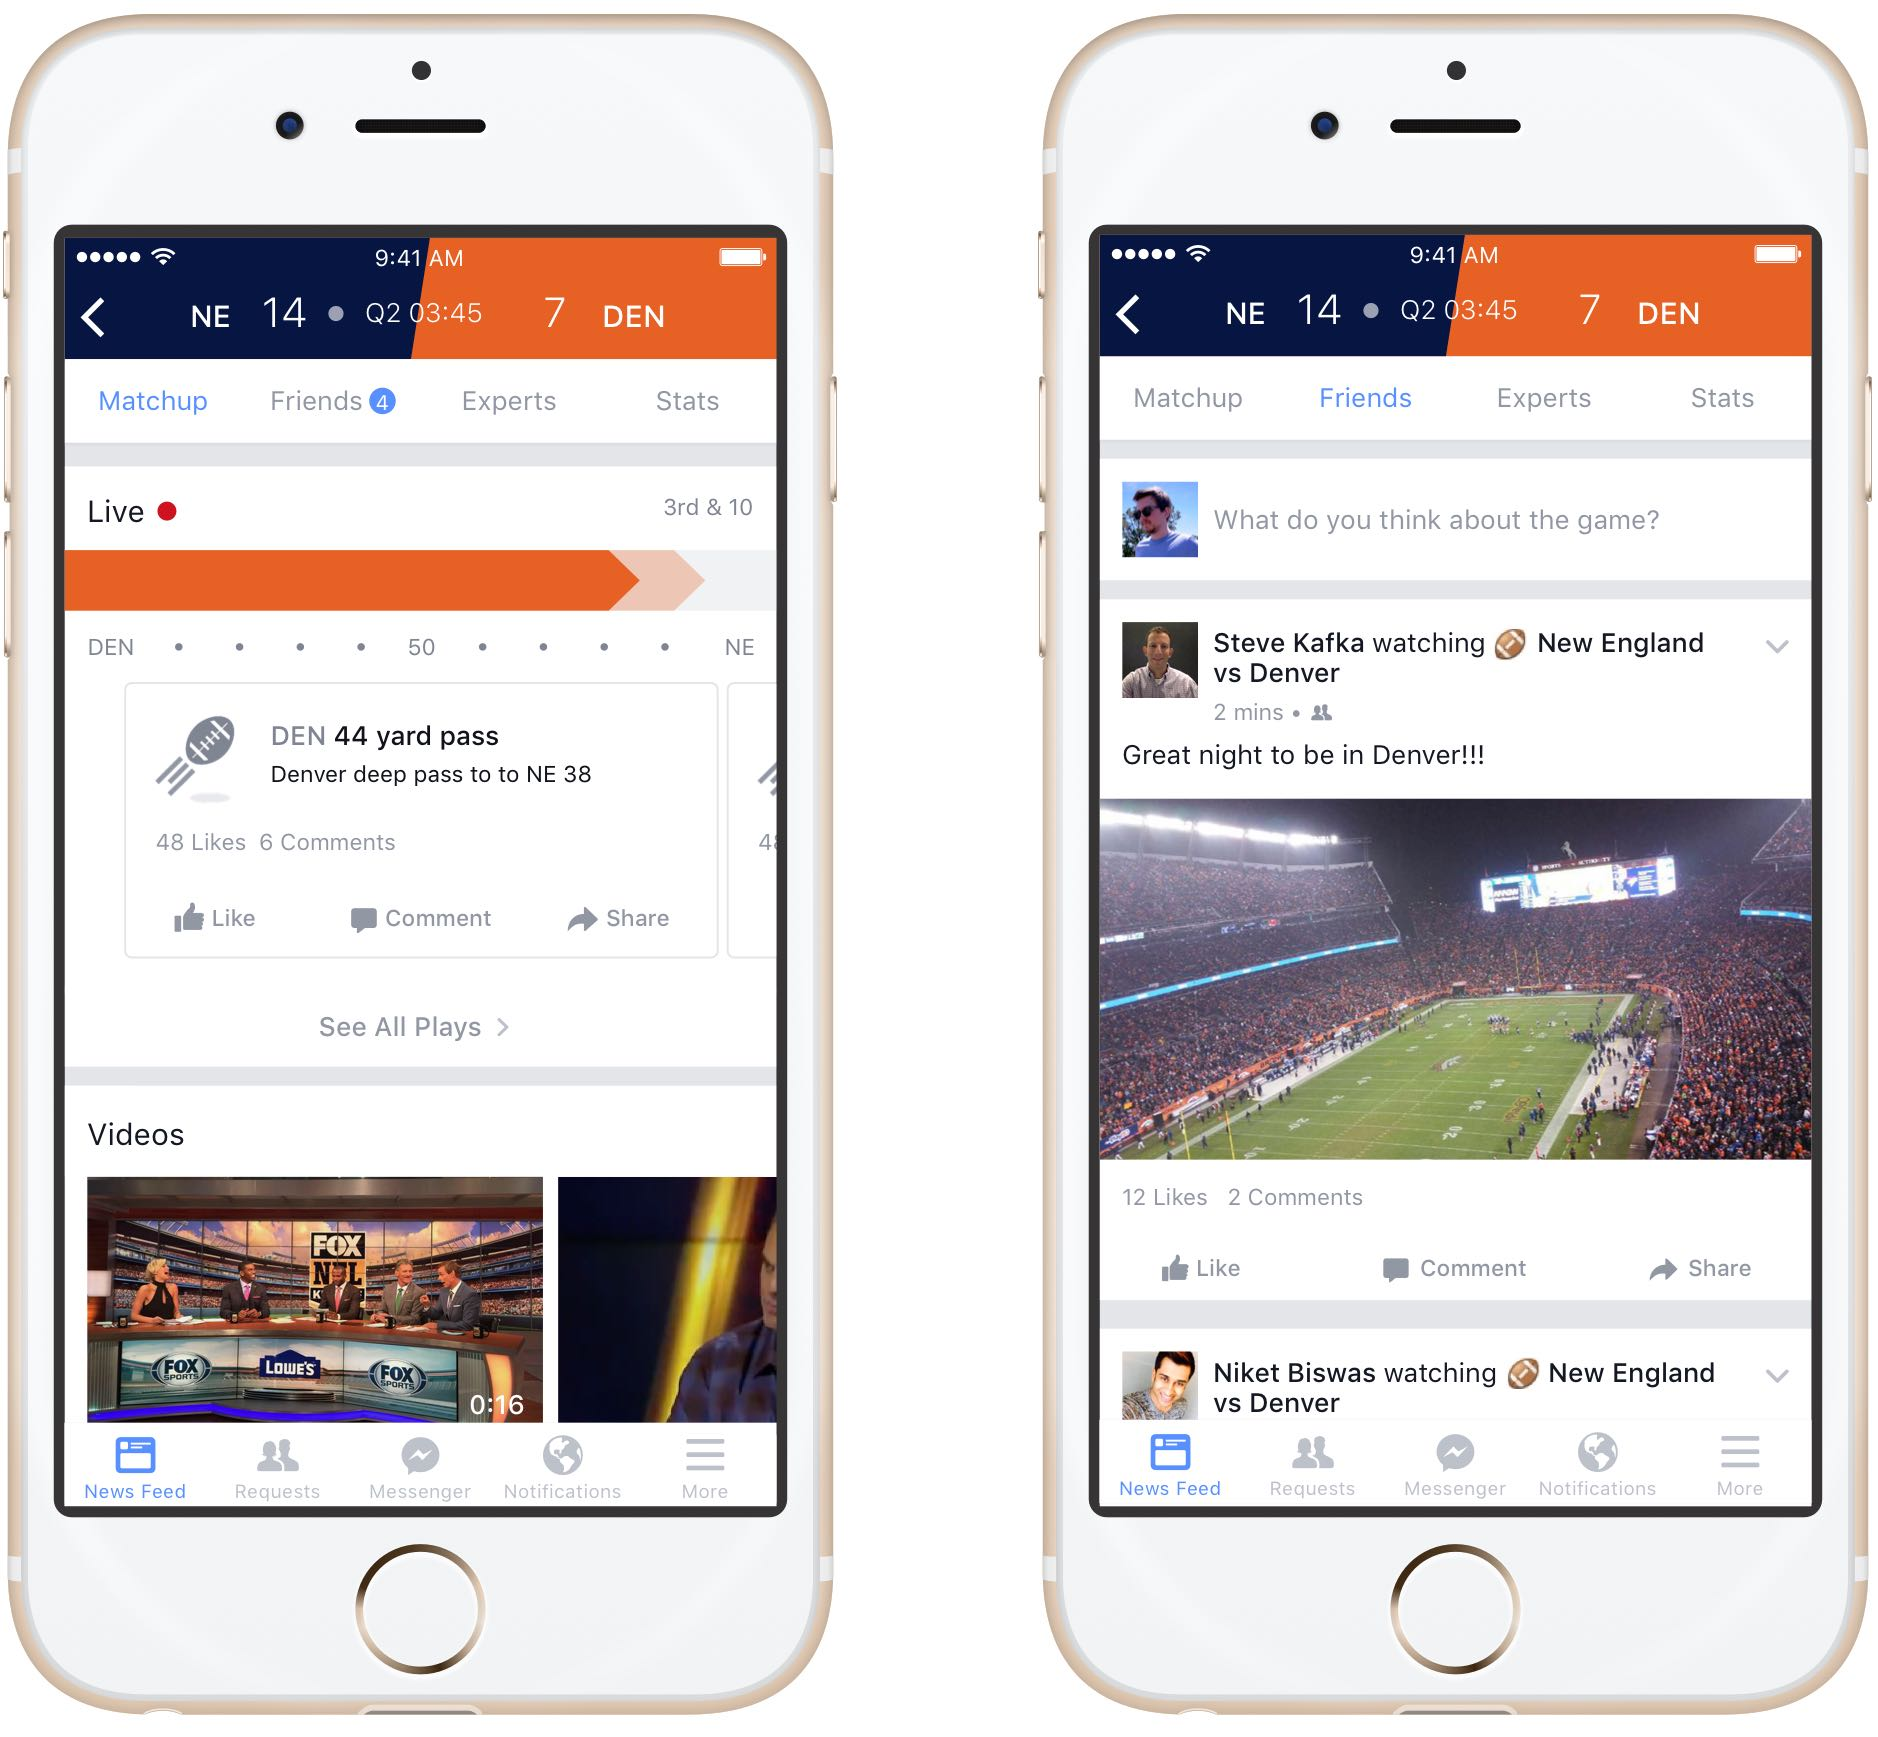 Captura de pantalla de iPhone de la sección de deportes de Facebook 001